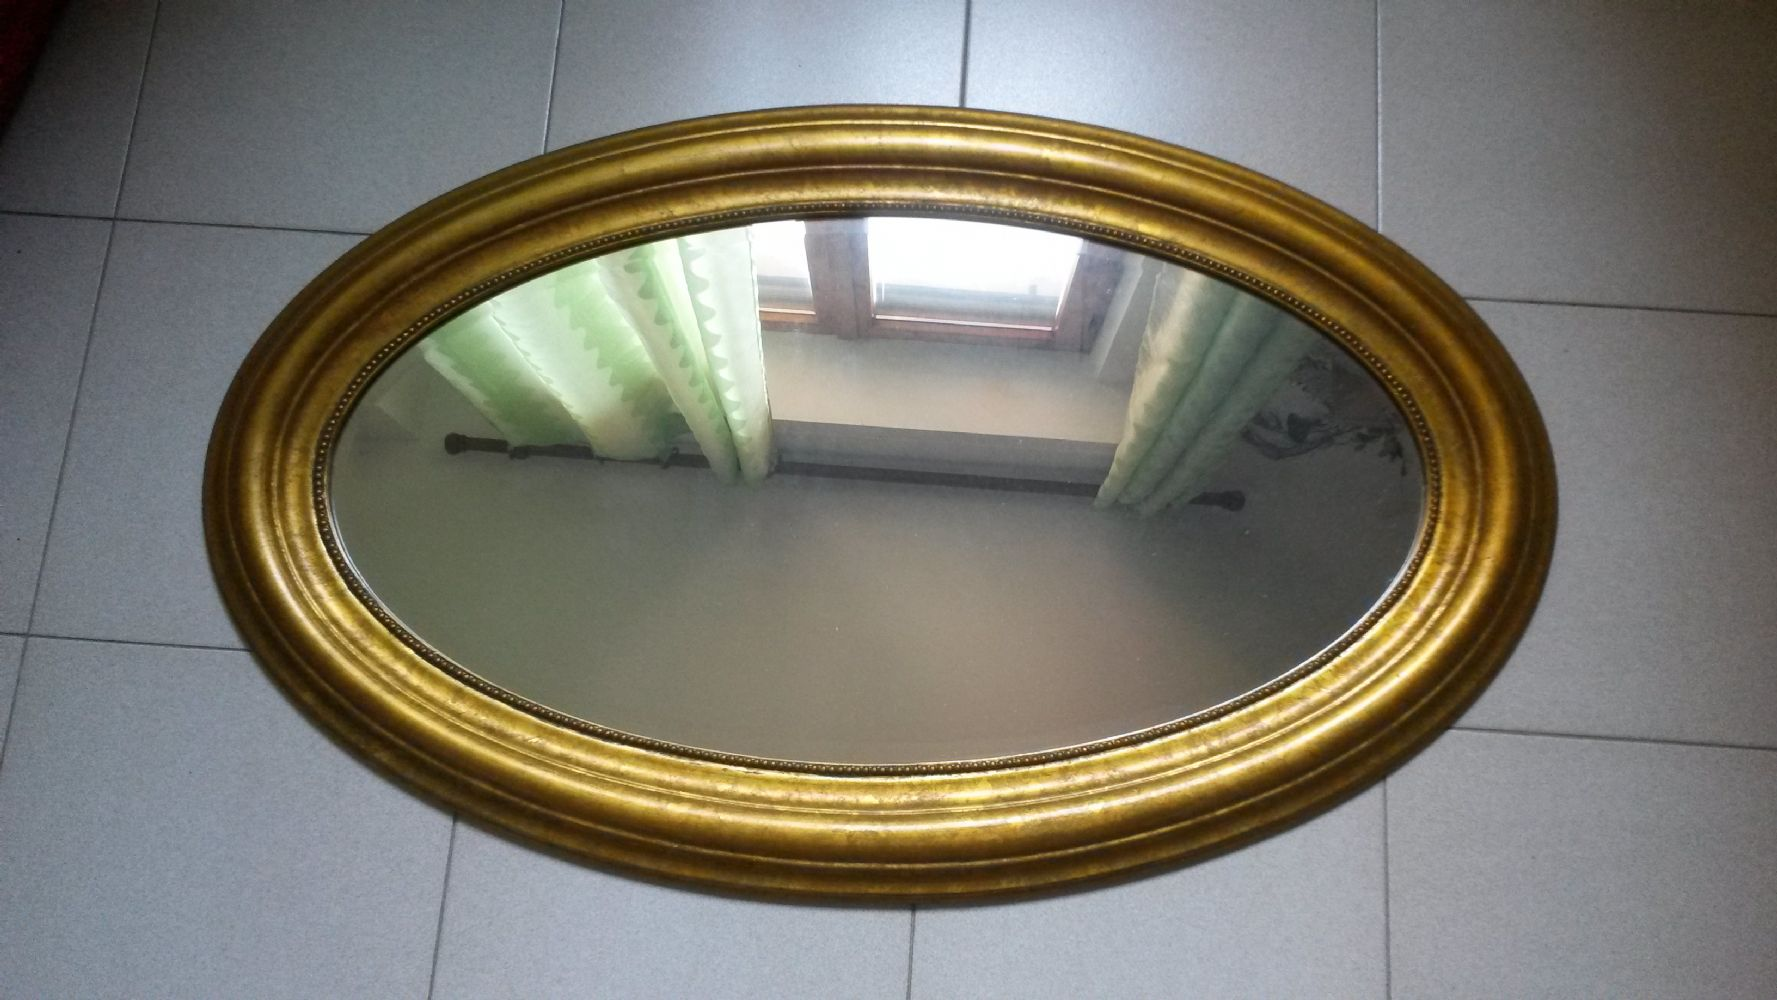 Baratto scambio specchio dorato arredamento complementi - Specchio ovale ikea ...